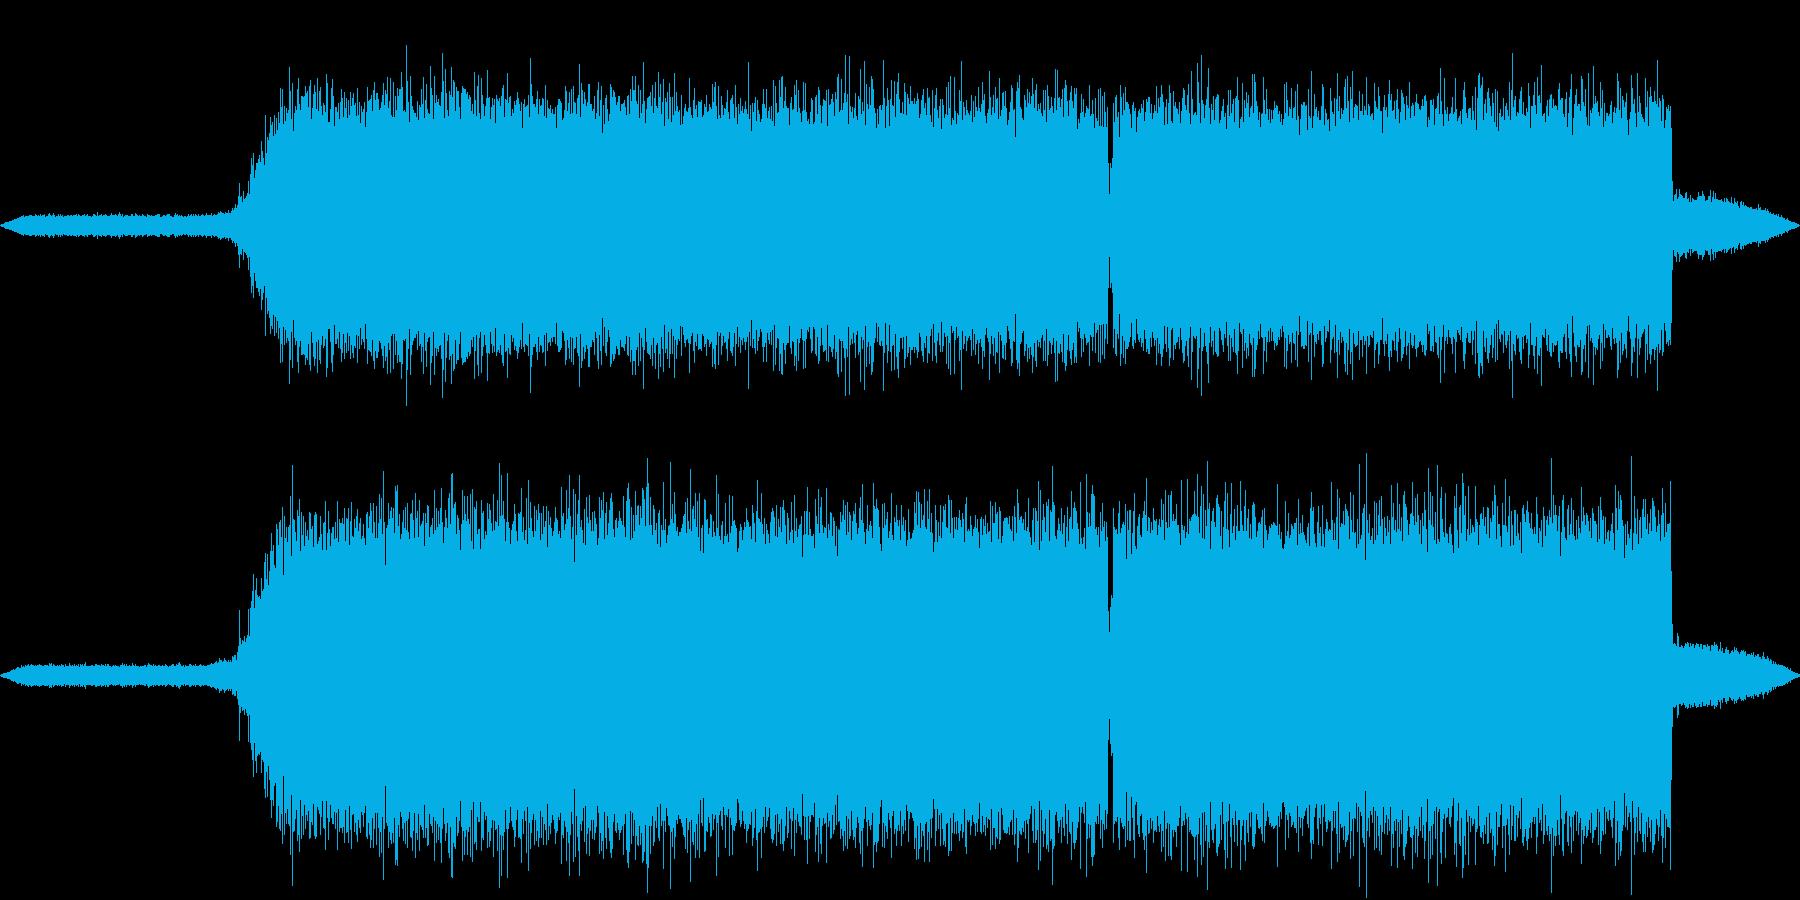 【生録音】真夏の夜の美しい虫の鳴き声2の再生済みの波形